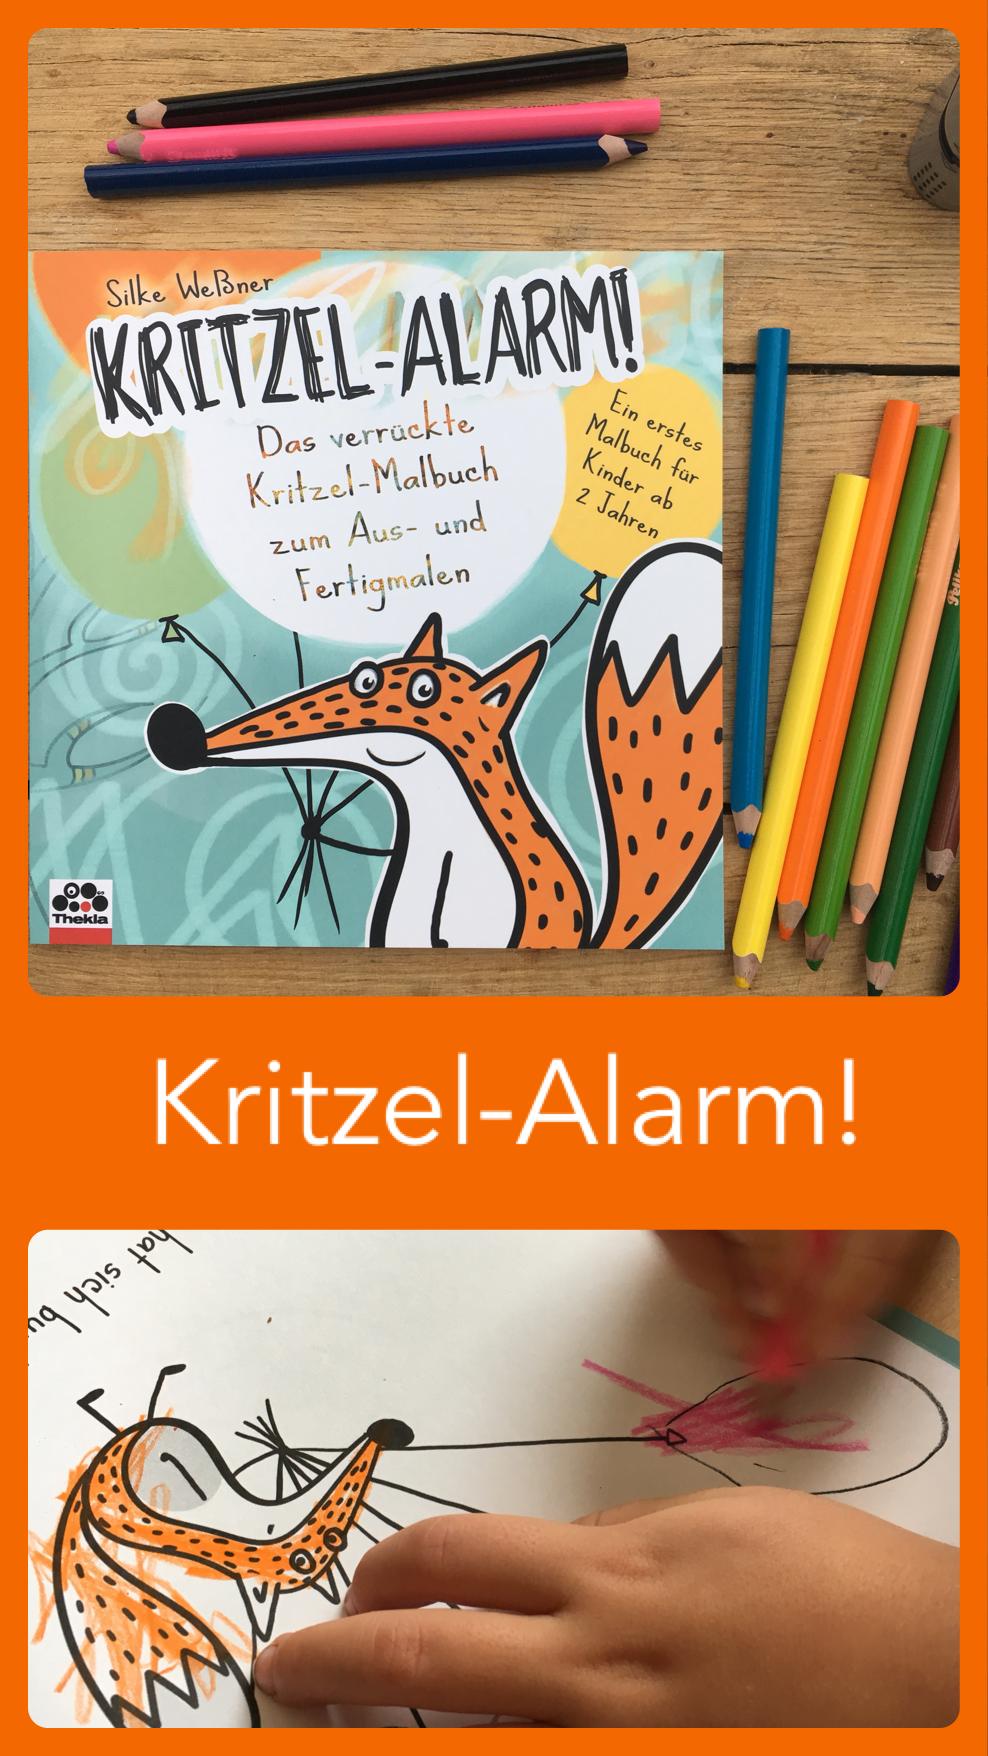 und Fertigmalen Weßner Das verrückte Kritzel-Malbuch zum Aus Kritzel-Alarm